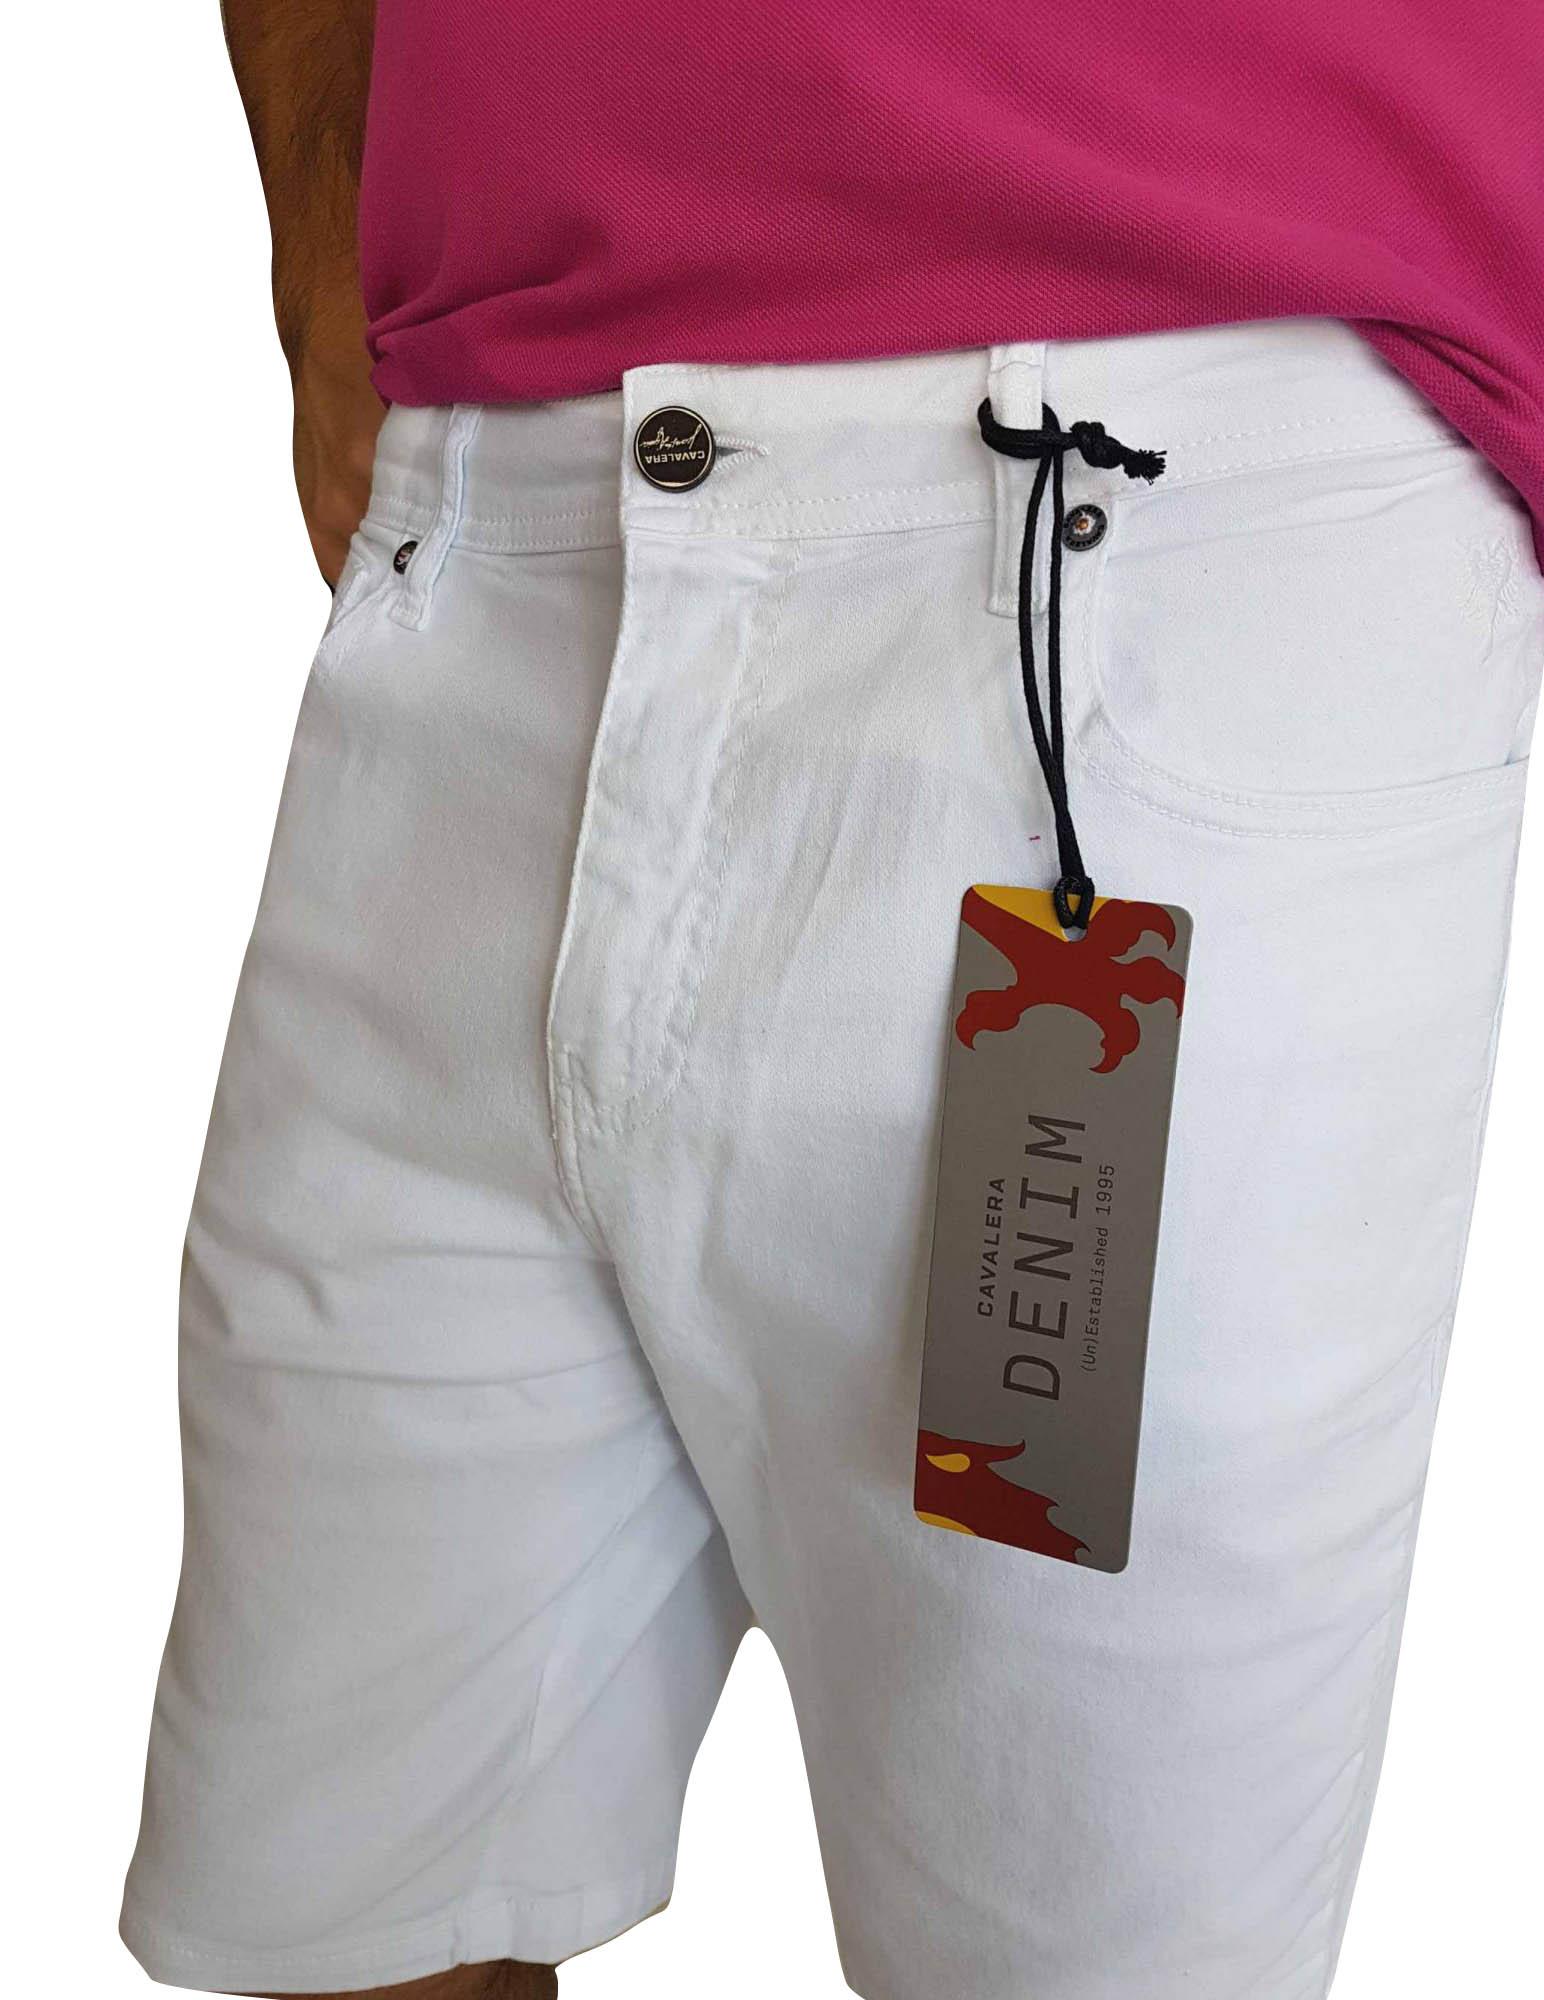 Bermuda Cavalera Masculina Branca Conforto